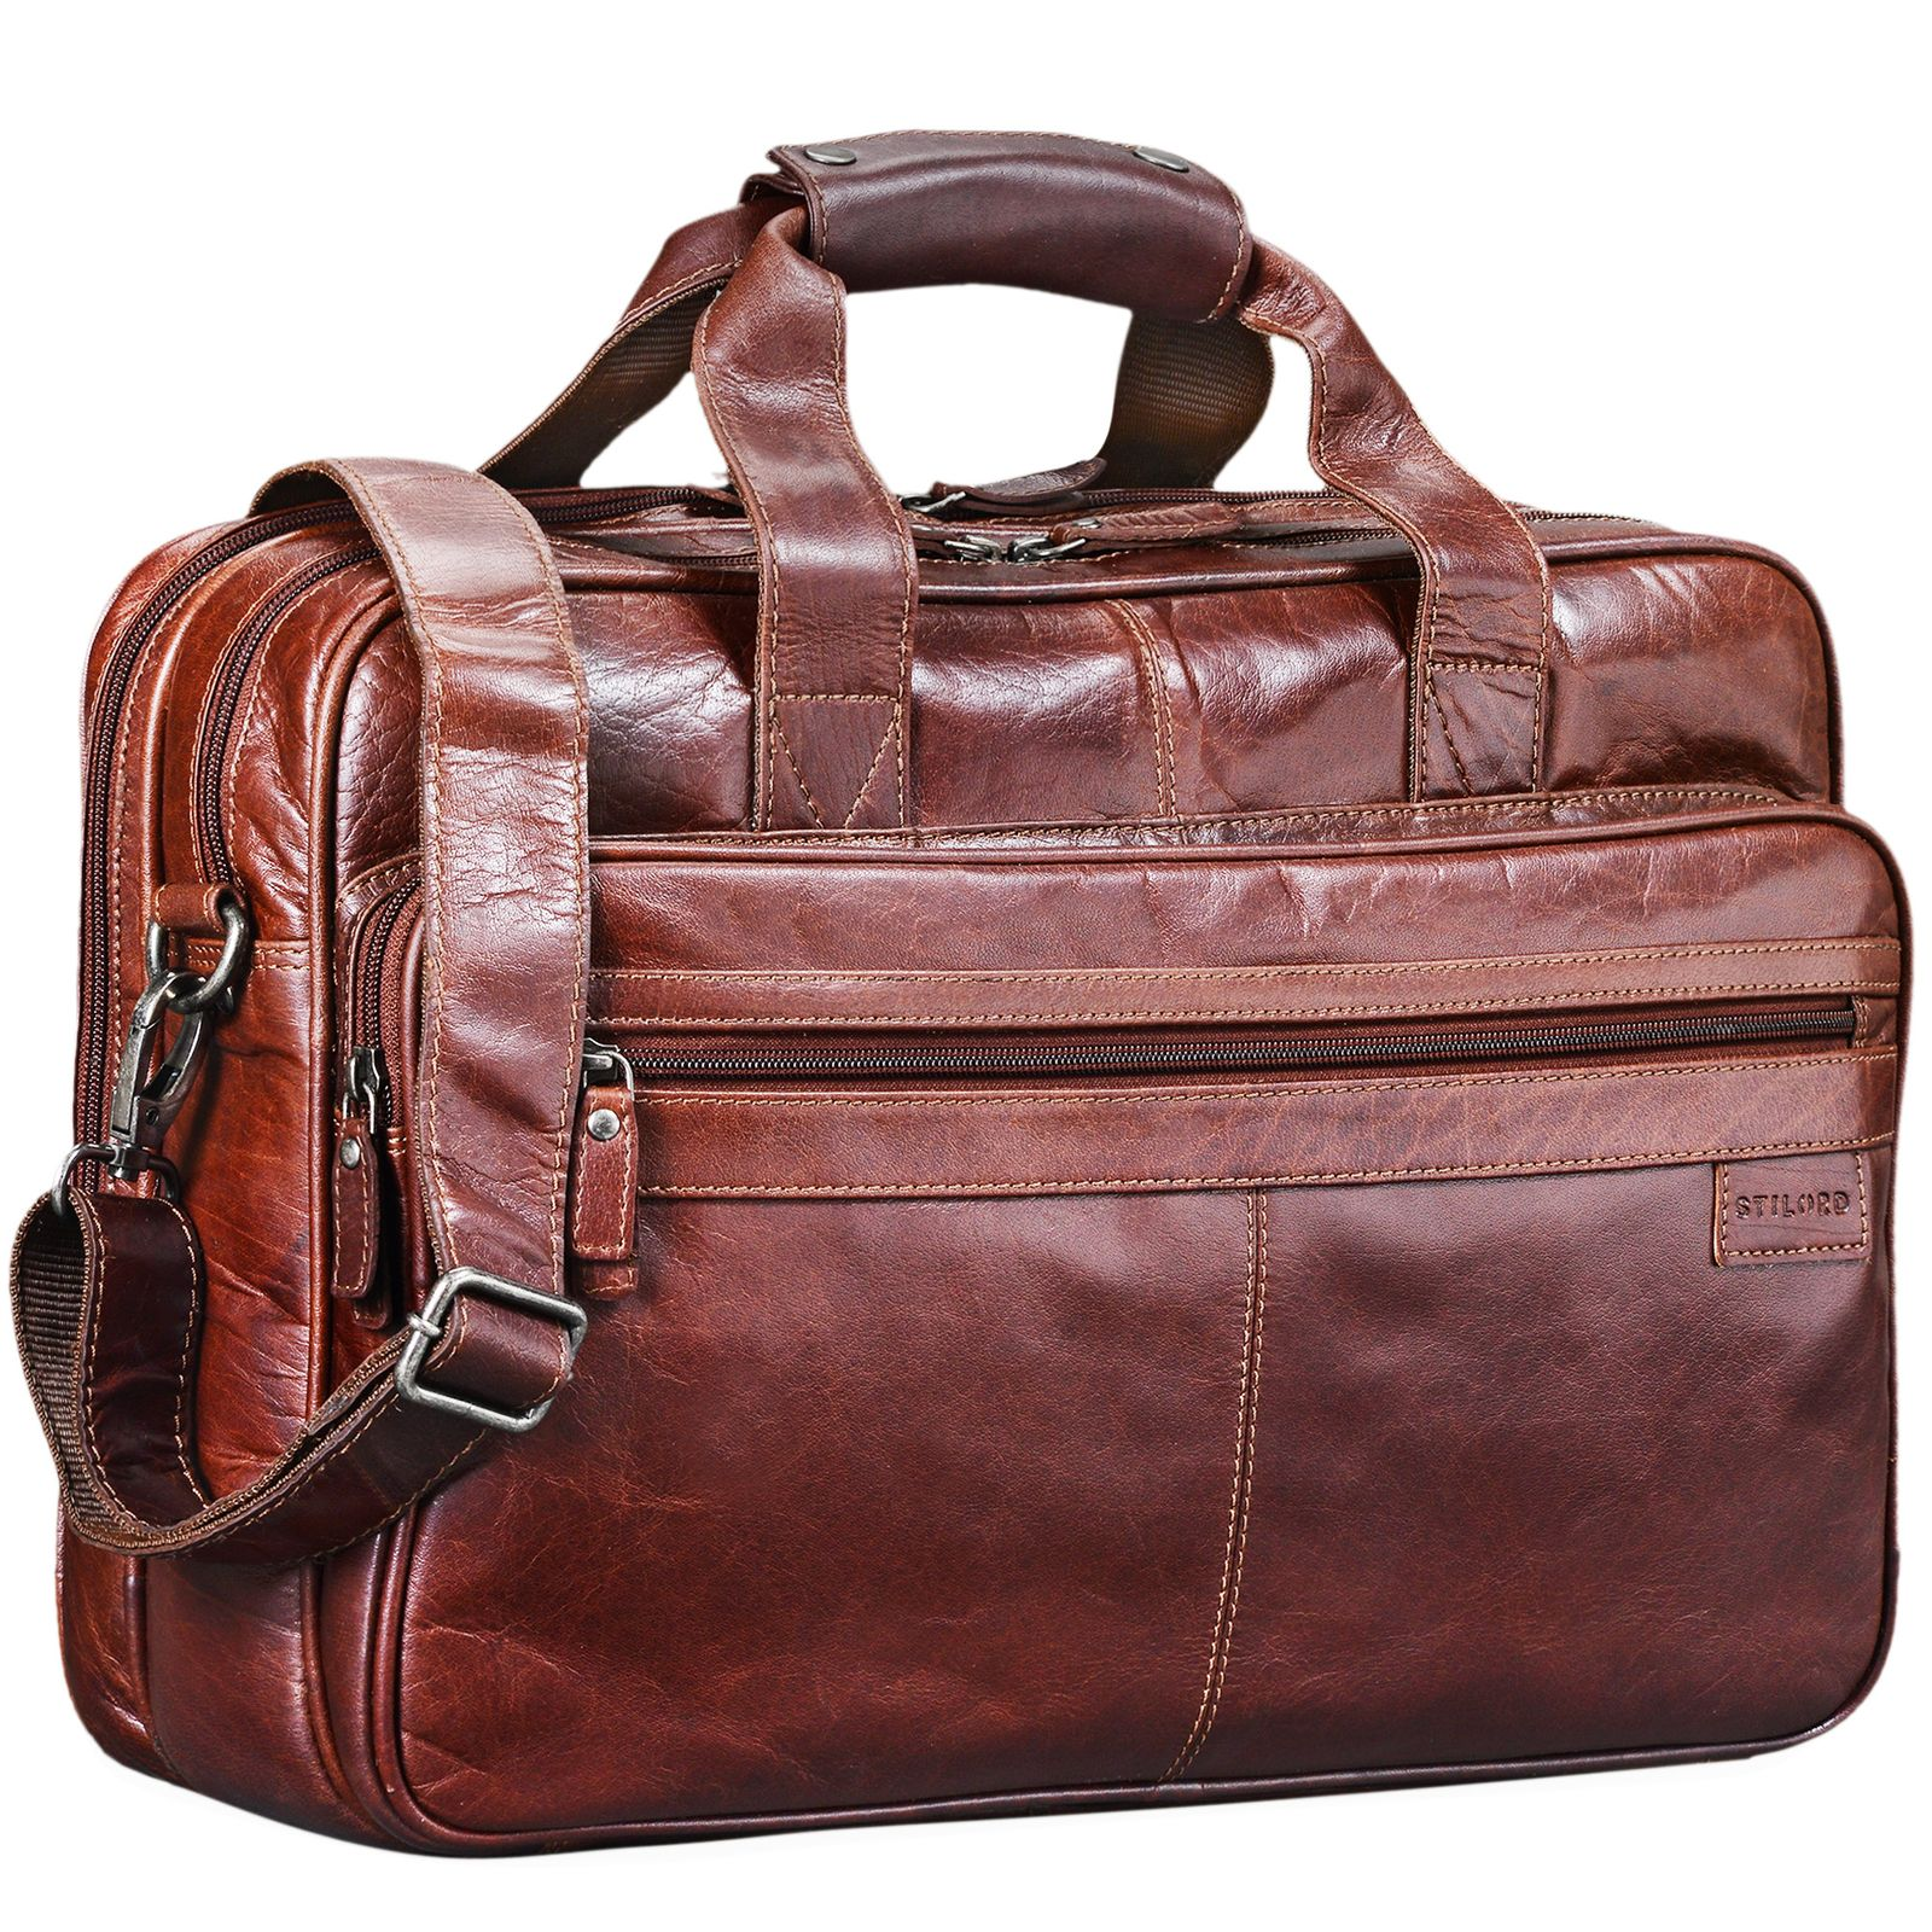 """STILORD """"Atlantis"""" Leder Aktentasche groß Vintage Lehrertasche Arbeitstasche große Ledertasche Businesstasche zum Umhängen Trolley aufsteckbar - Bild 8"""